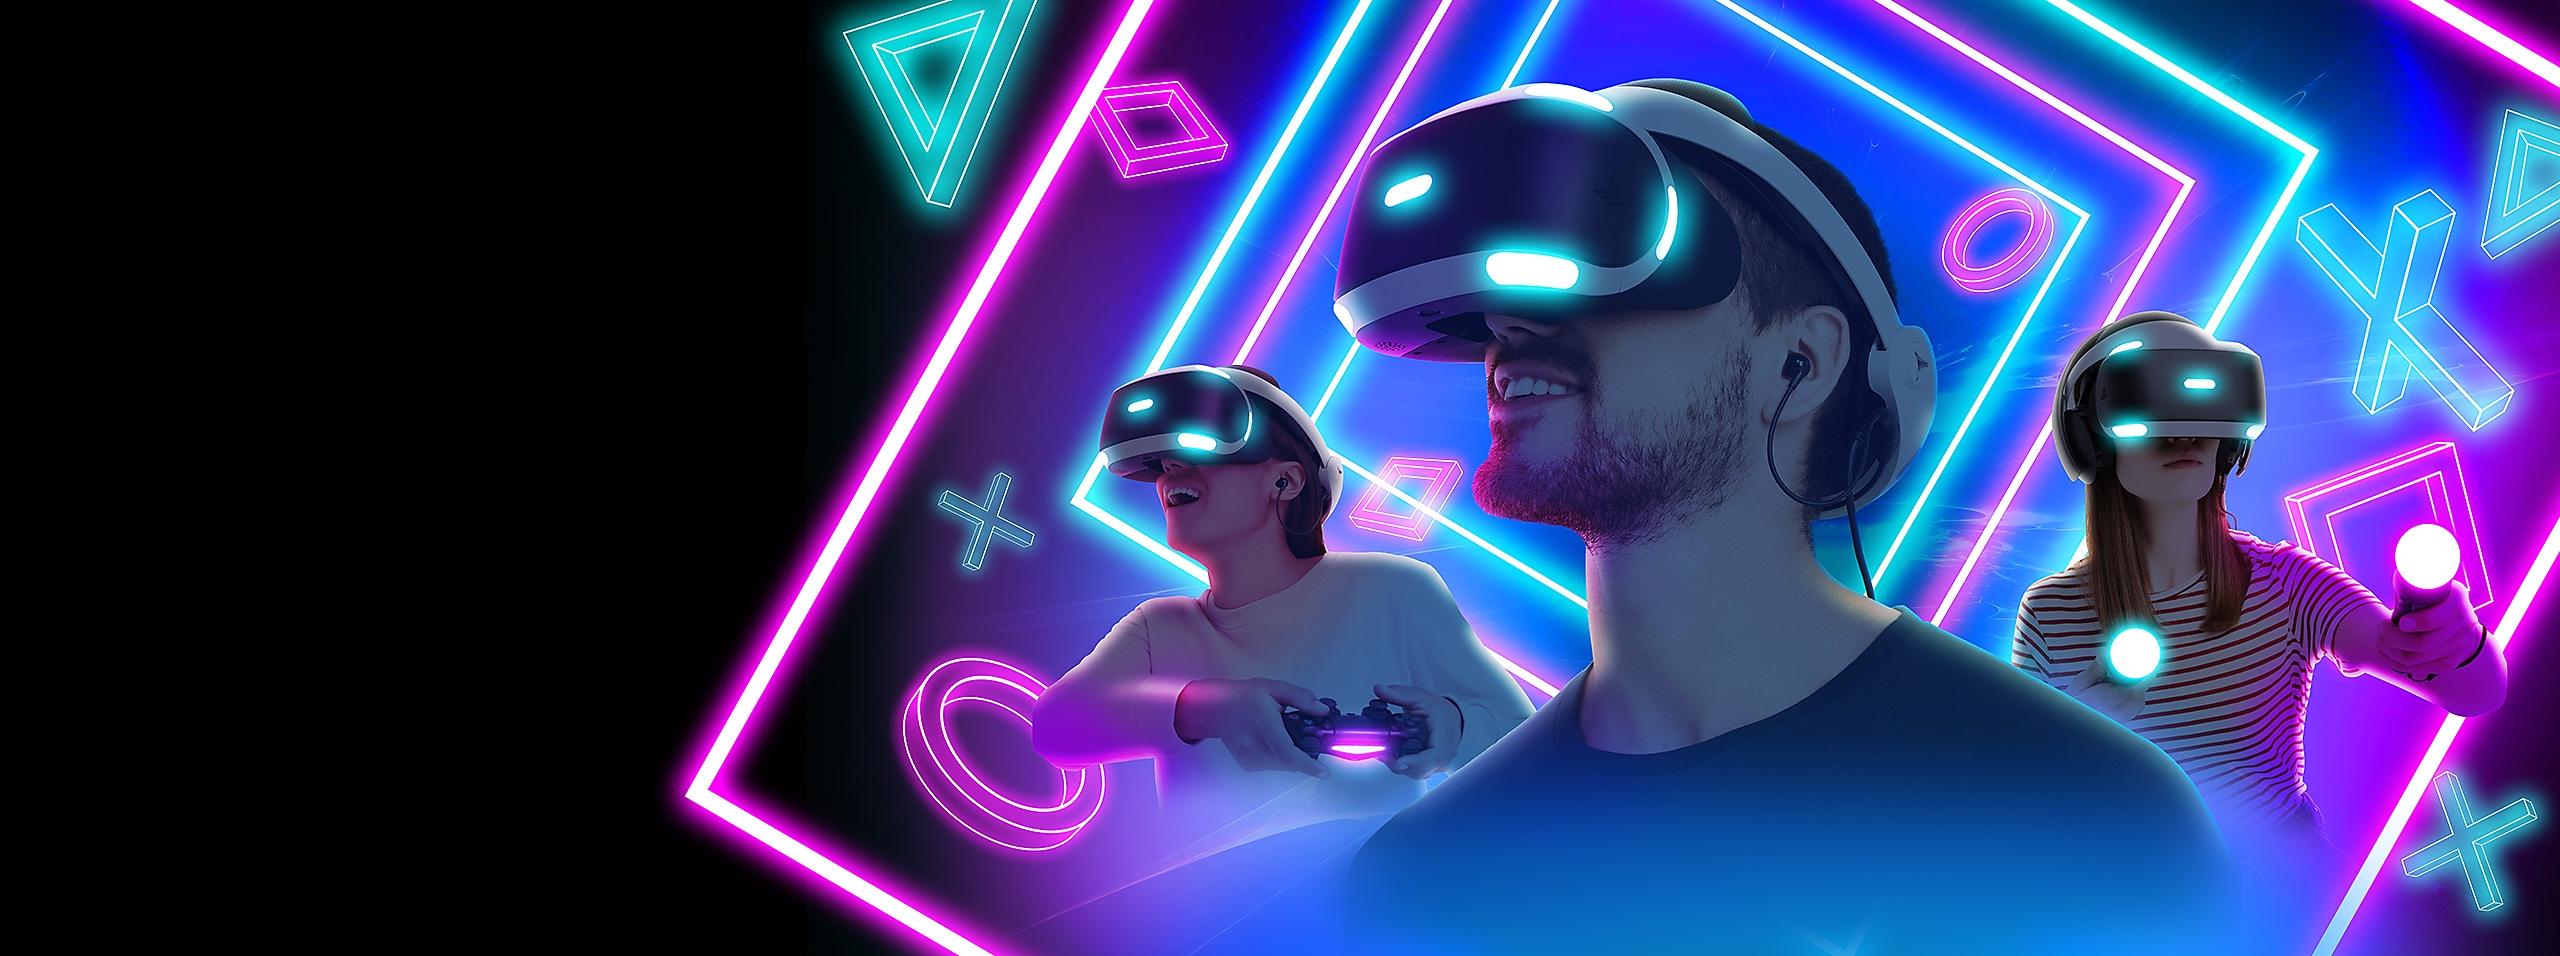 PlayStation VR Games - Spotlight Key Art